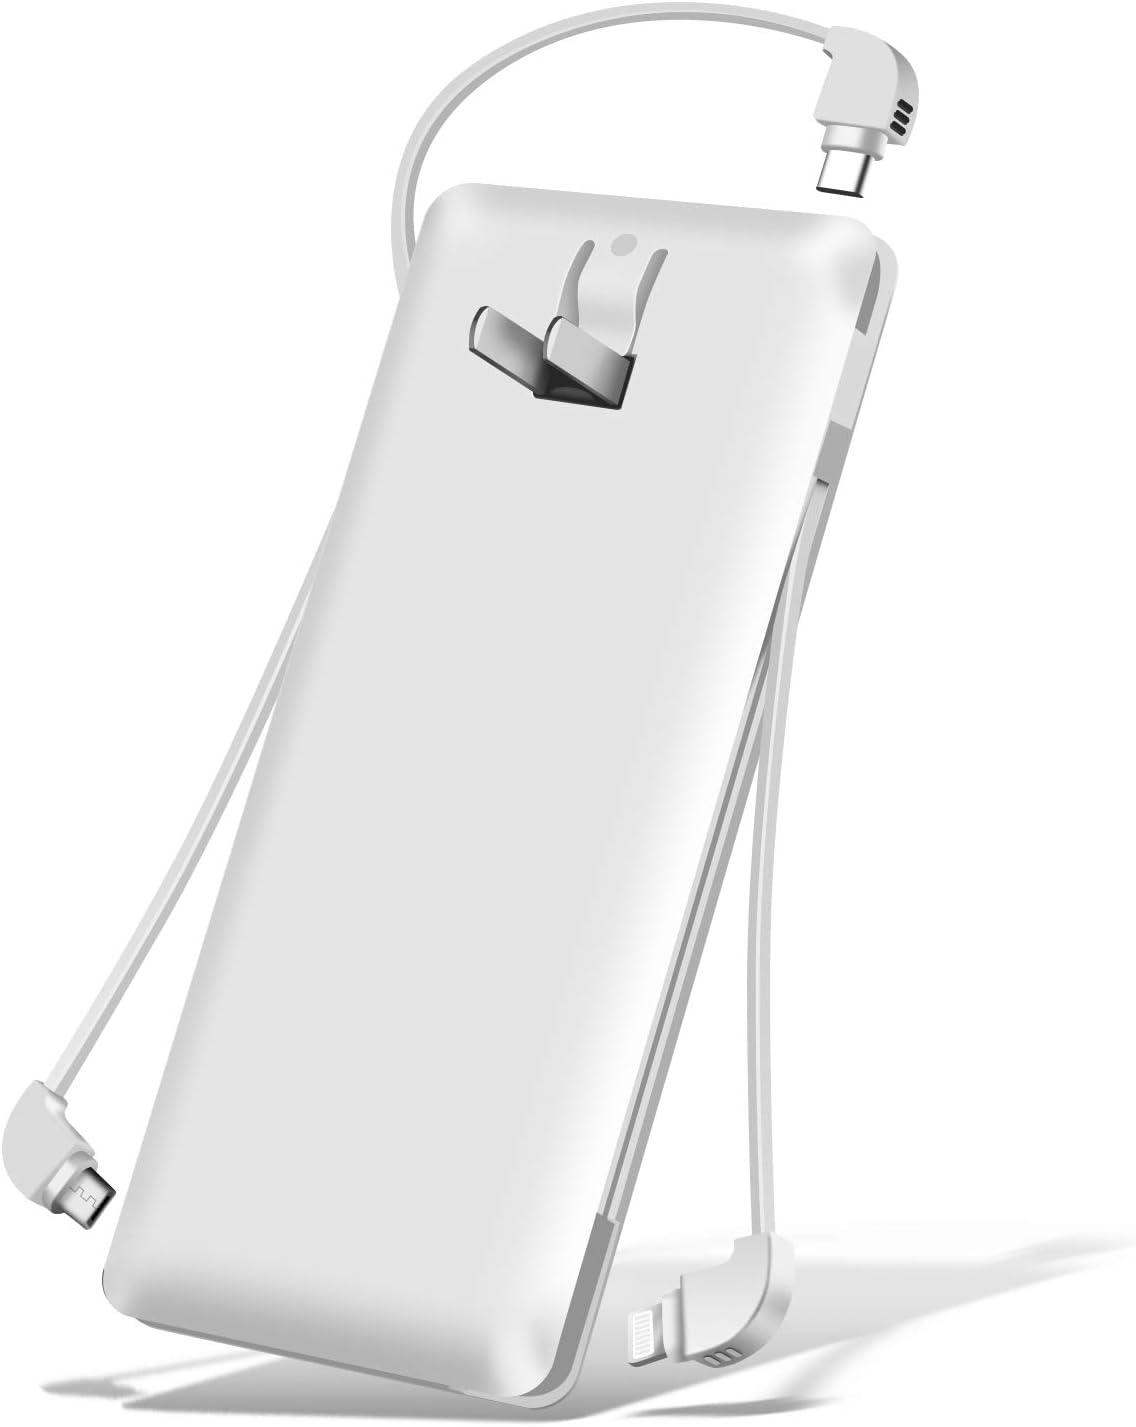 モバイルバッテ 大容量 10000mAh 3本ケーブル内蔵 1USBポート ライトニング/microUSB/type-cコネクタ スマホ充電器 バッテリー 2A出力 残量表示 急速充電 軽量 薄型 iPhone&iPad&Android各種対応 白【PSE認証済】